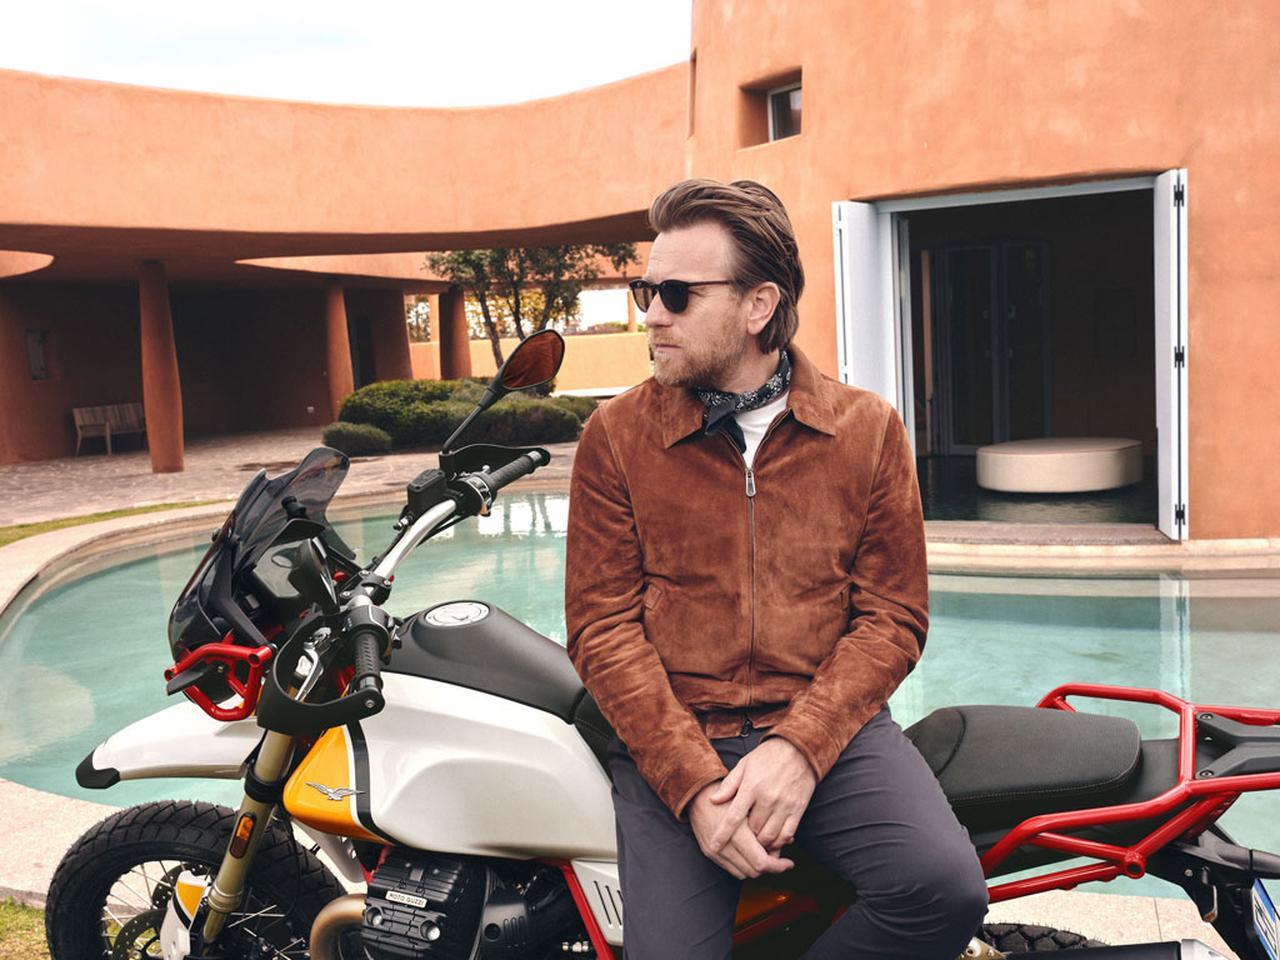 画像: Ewan McGregor is back on a Mandello bike - Moto Guzzi